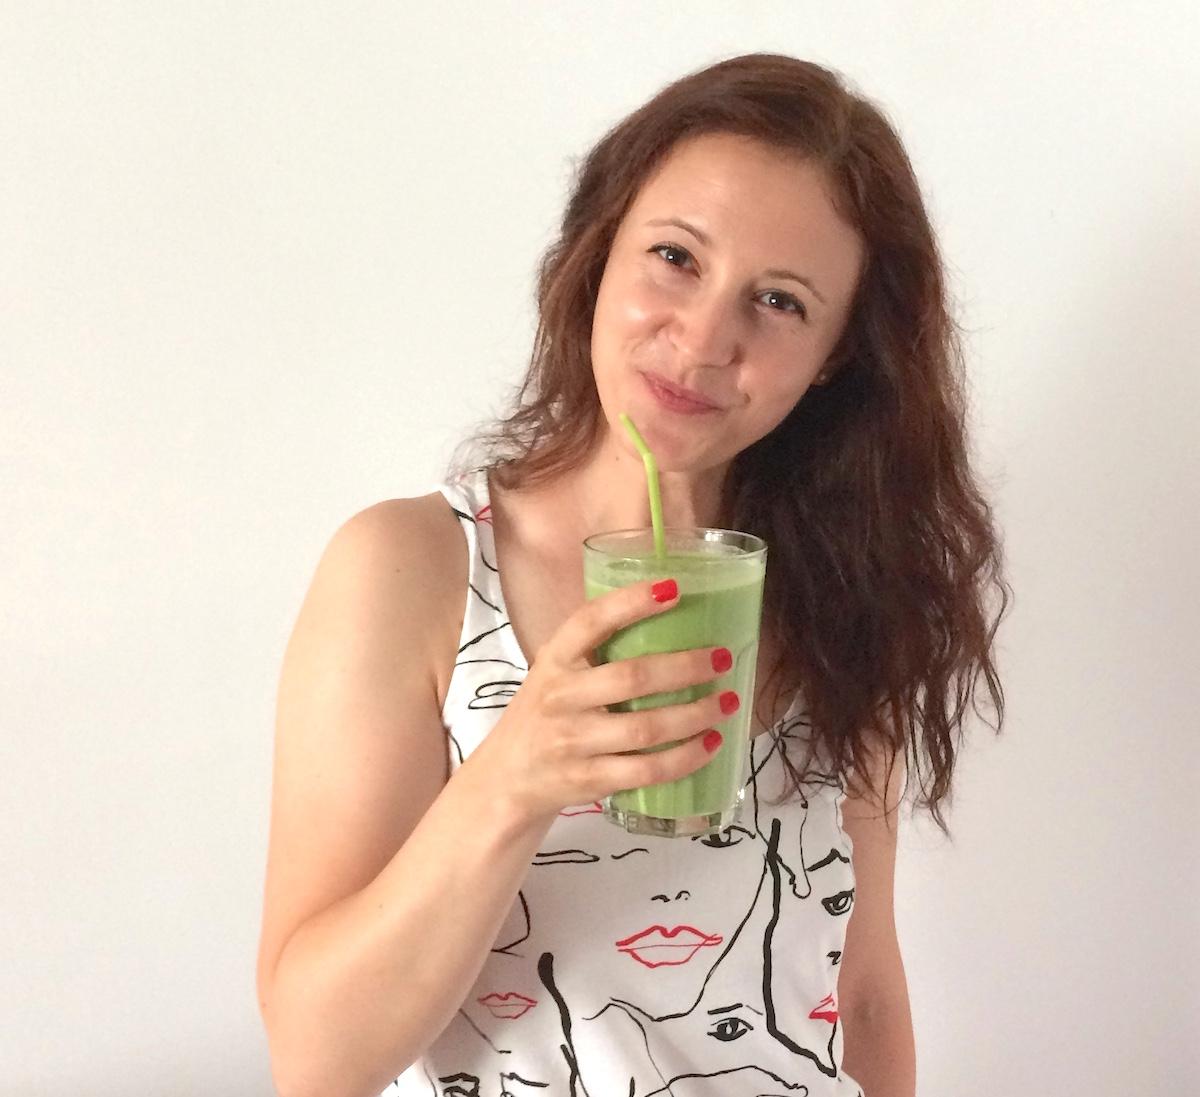 scădere în greutate de gina livy arzător de grăsimi dk